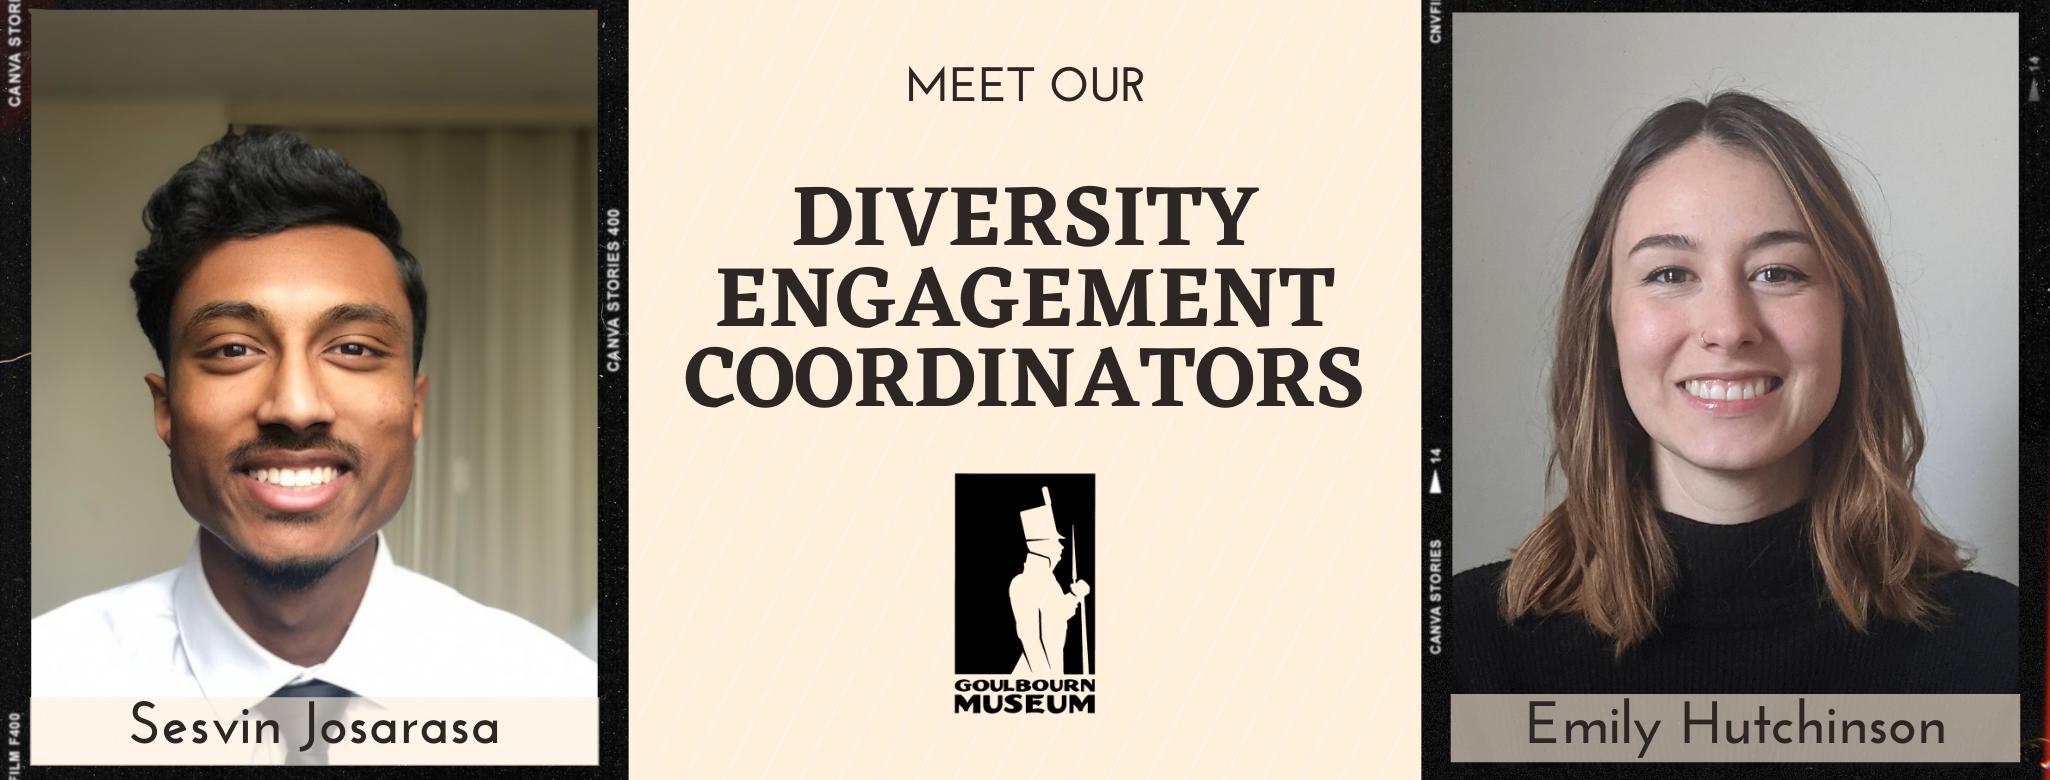 meet our diversity engagement coordinators